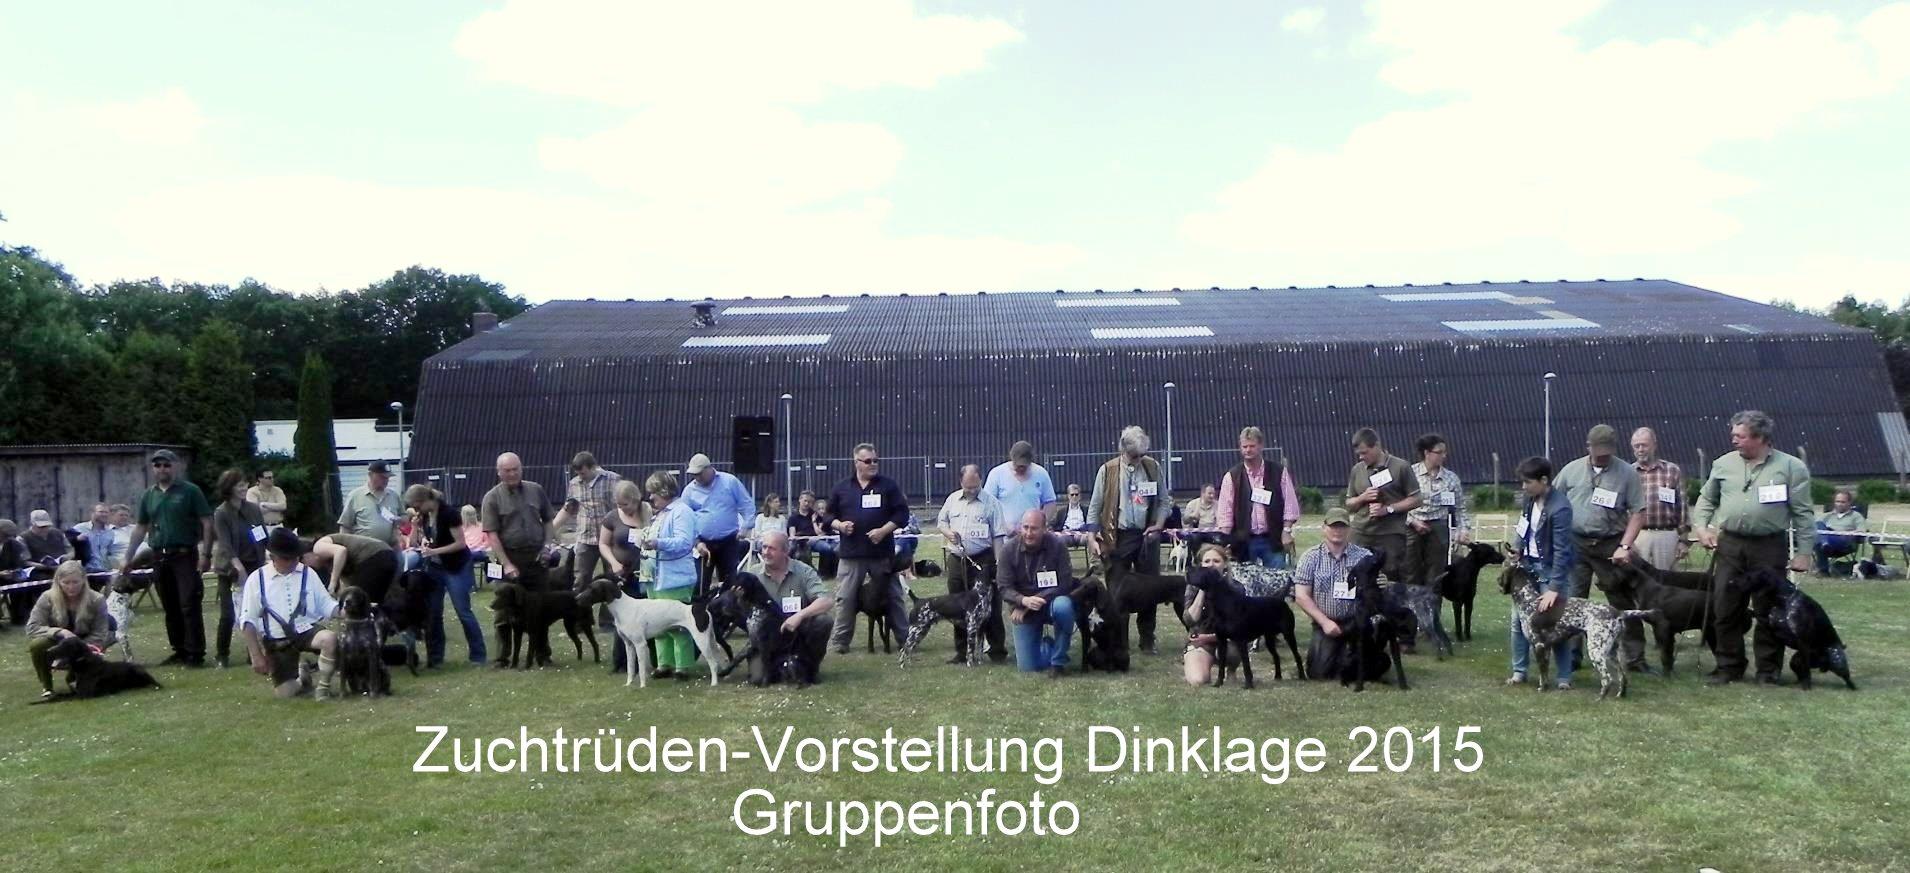 Gruppenfoto Zuchtrüden-Vorstellung Dinklage 2015